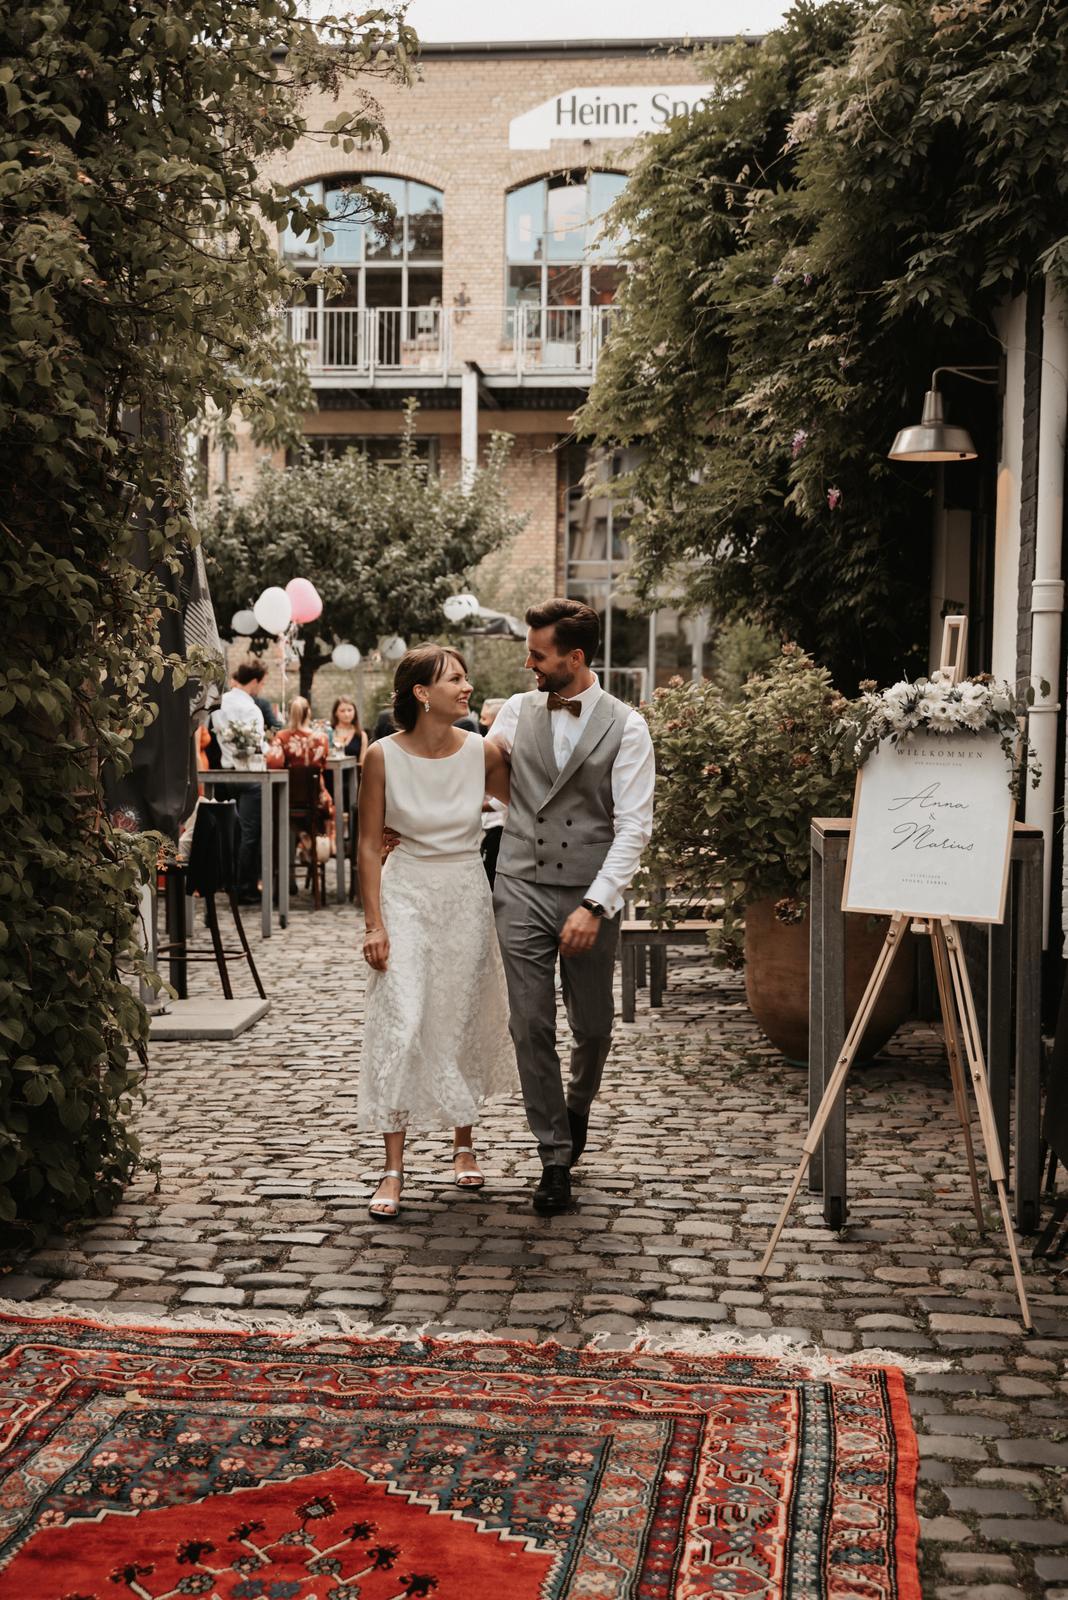 Hochzeitslocation im Innenhof, Brautpaar lachend